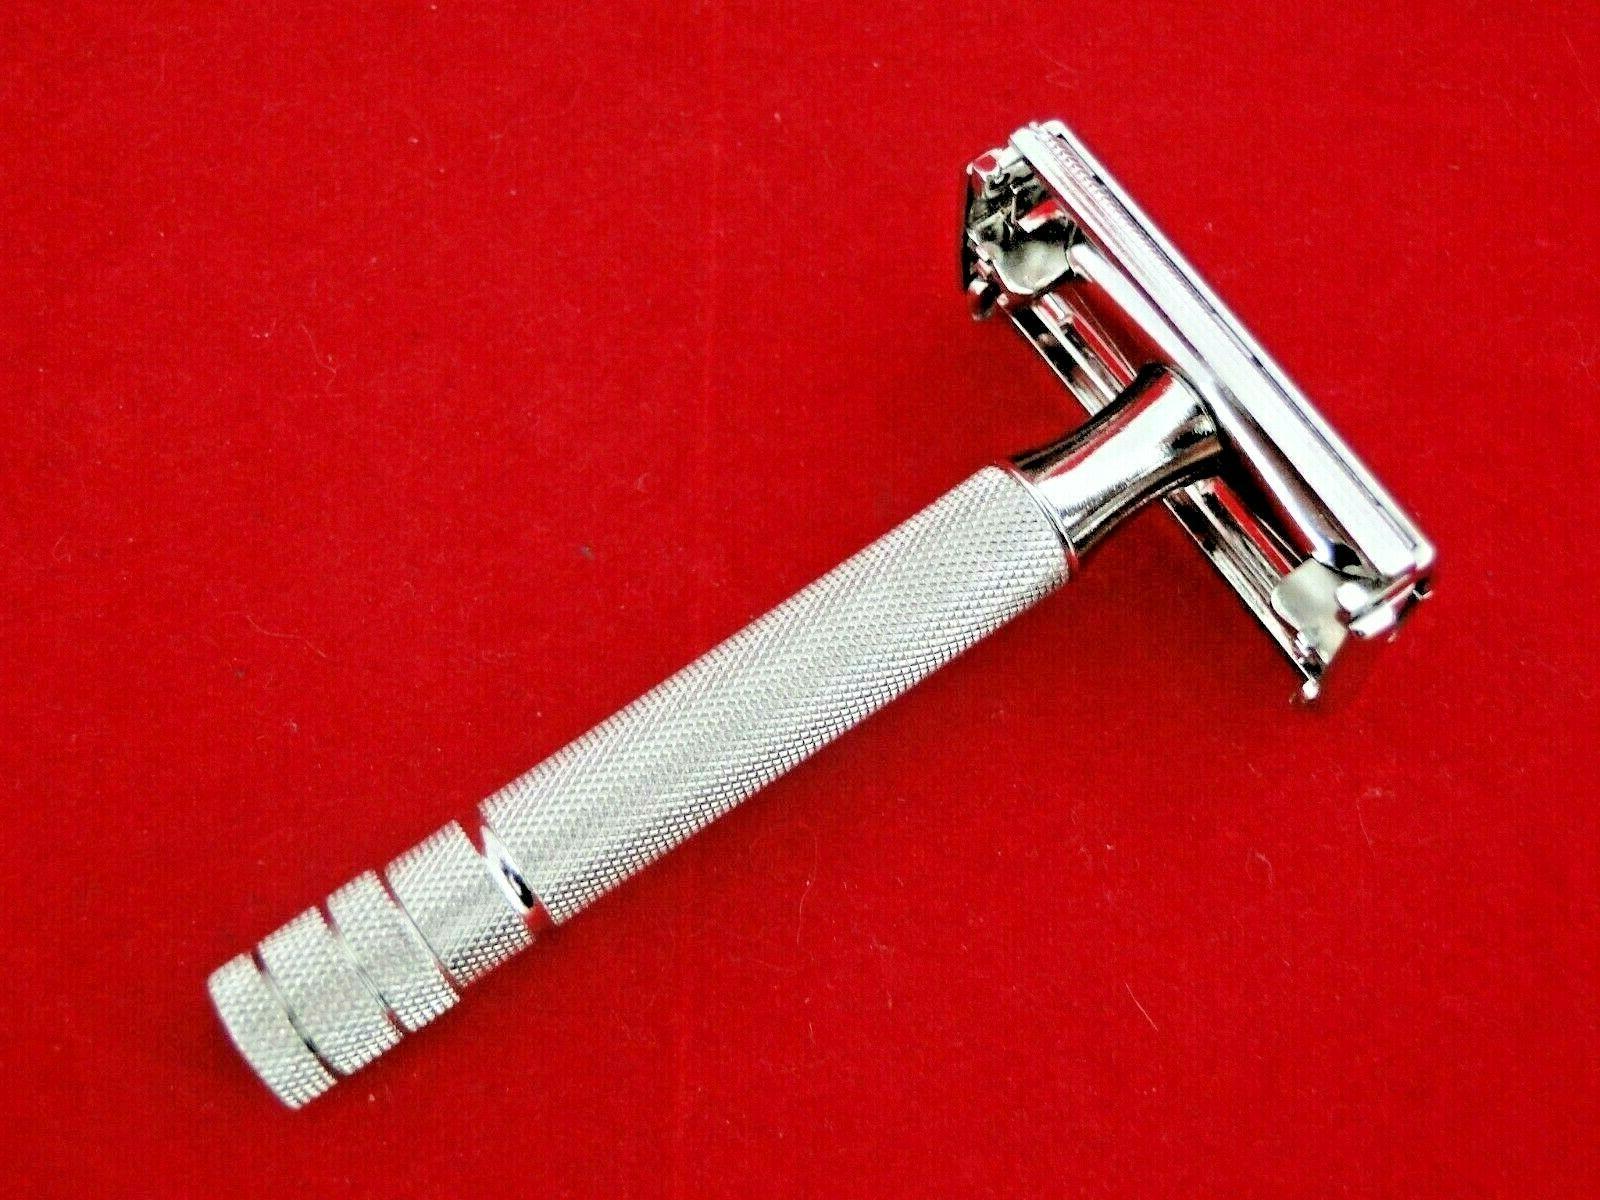 Vtg. Superspeed Kit, Soap Blades